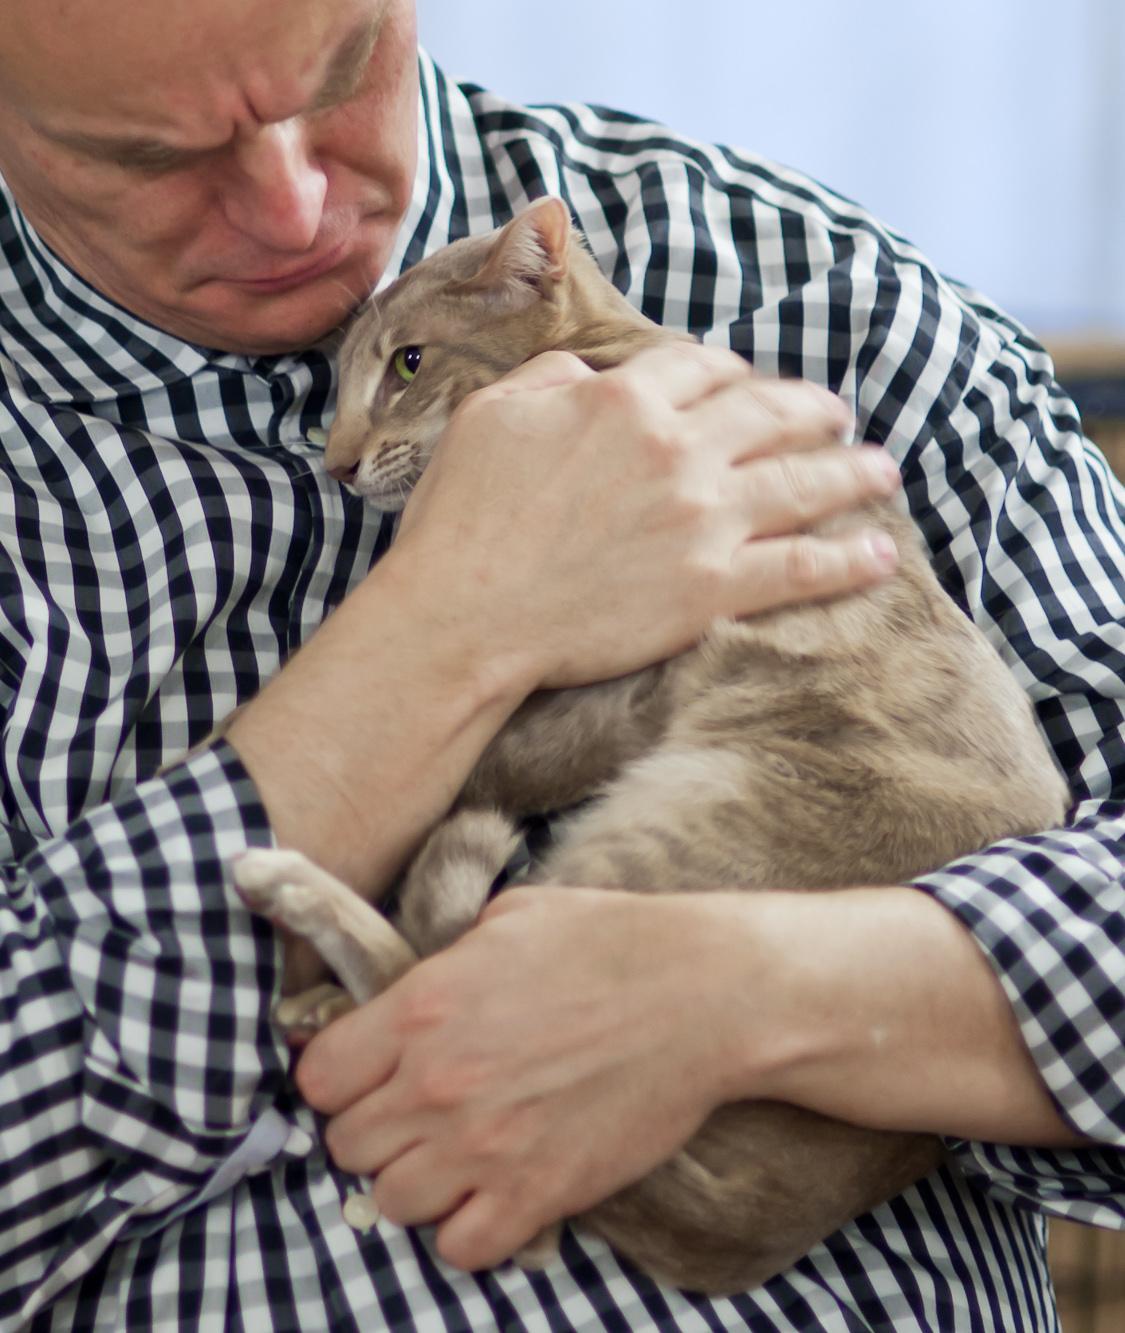 SGCA Orifame AinaAkvarelli (Akva) [OSH cs 24], kuva 183133, 12.11.2011